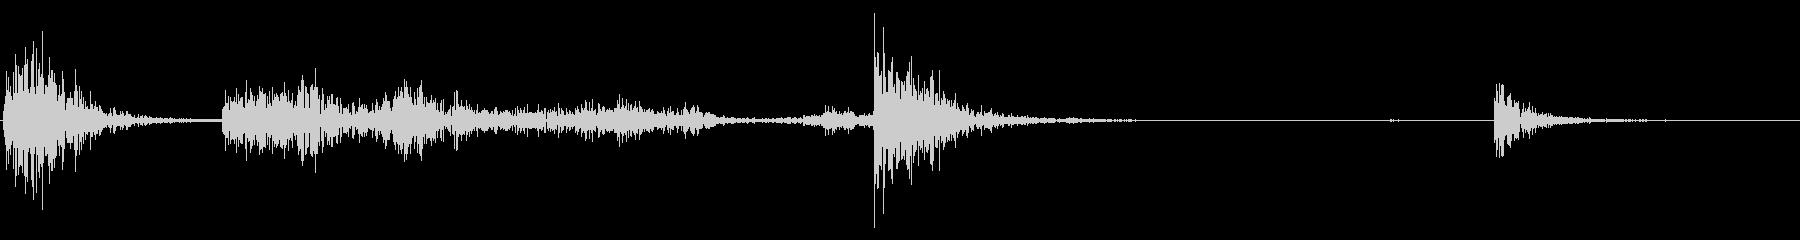 【生録音】ブリキのバケツを持つ音 取手1の未再生の波形